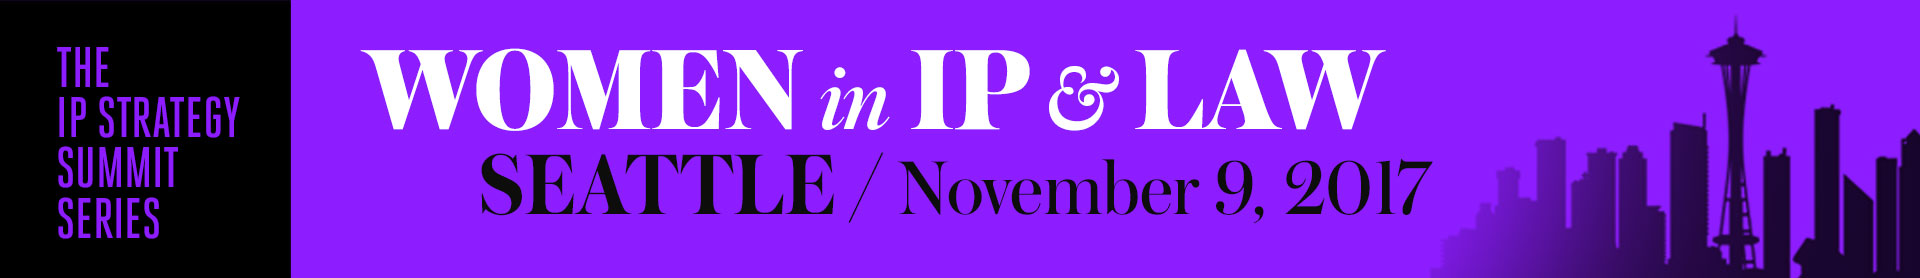 The Women in IP & Law Summit: Seattle 2017